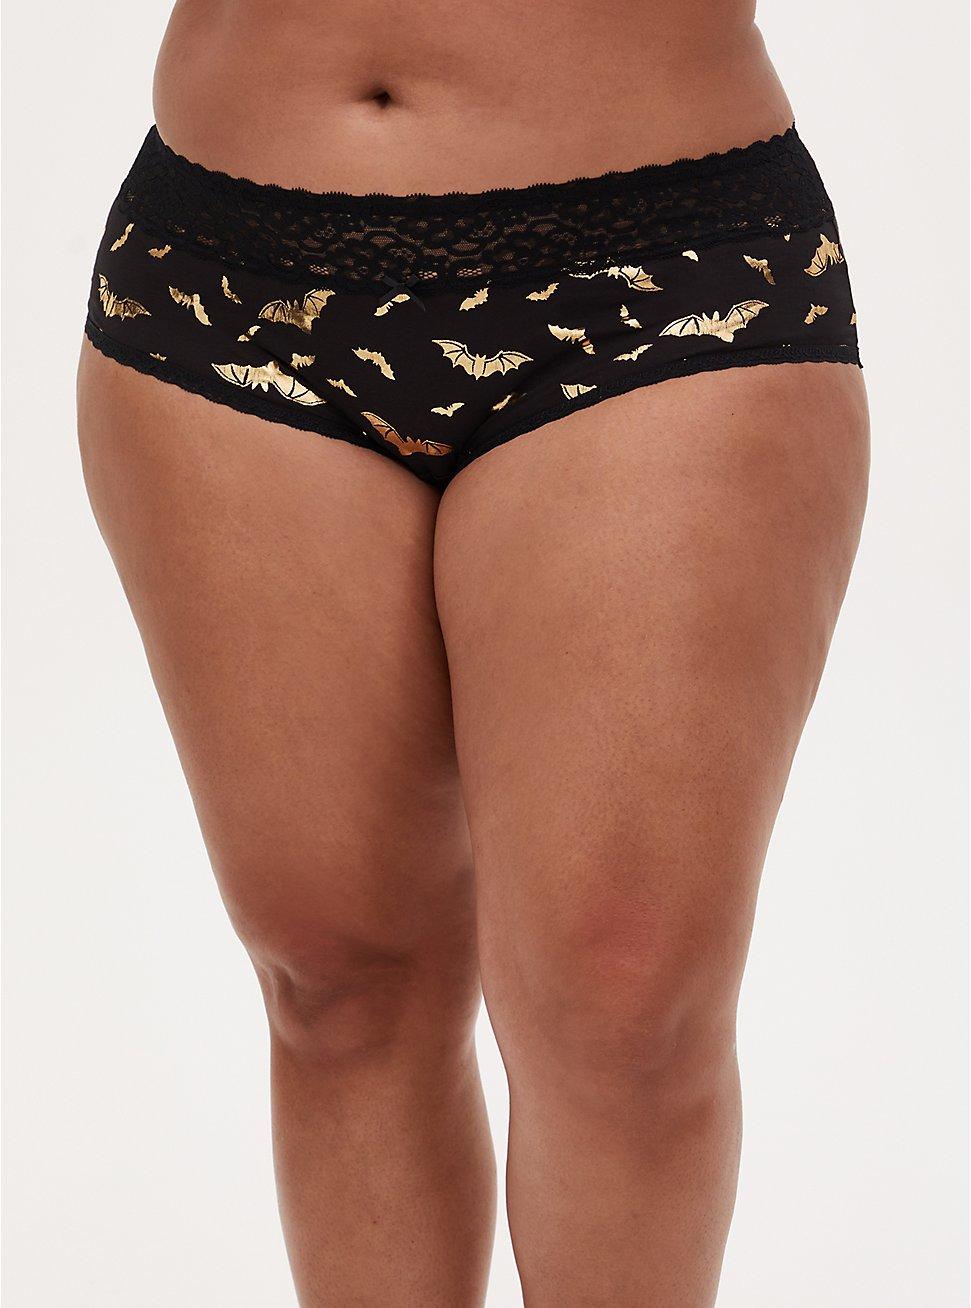 Gold Bat & Black Wide Lace Cotton Cheeky Panty , RICH BLACK, hi-res